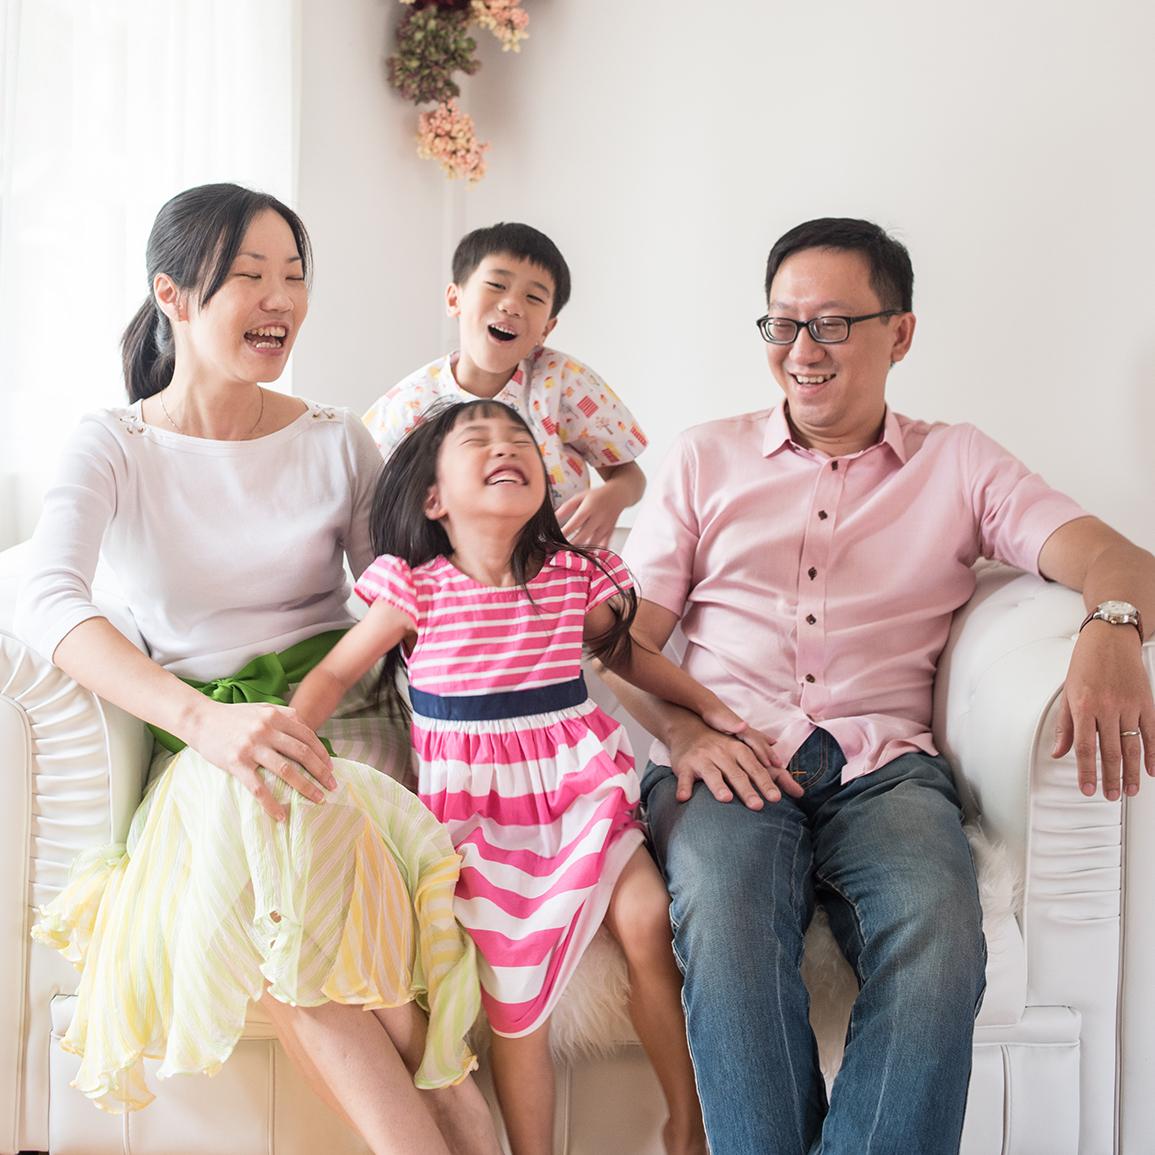 happy-family-photography-03